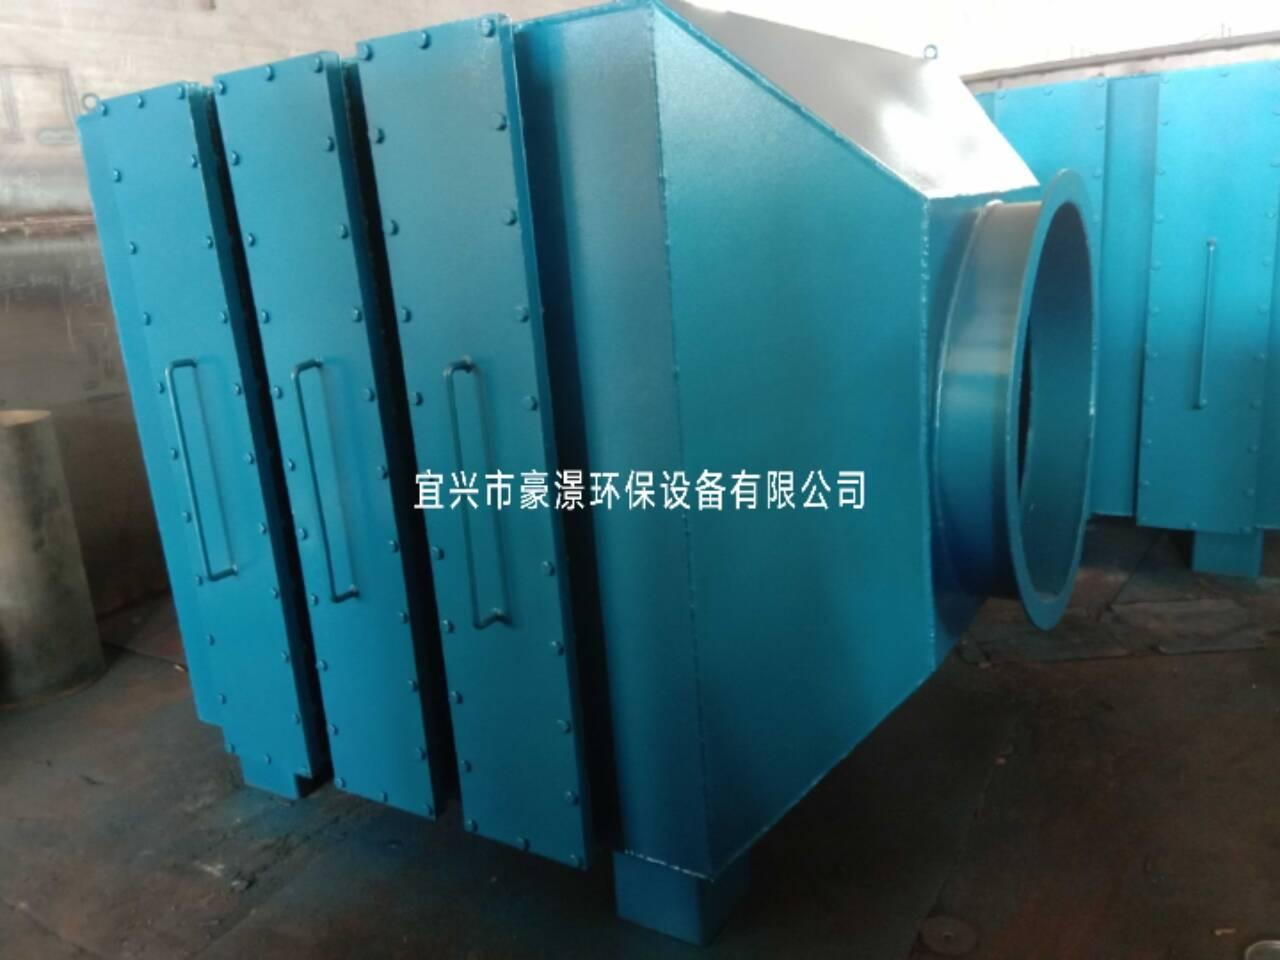 山東活性炭除臭設備青島活性炭吸附箱 3